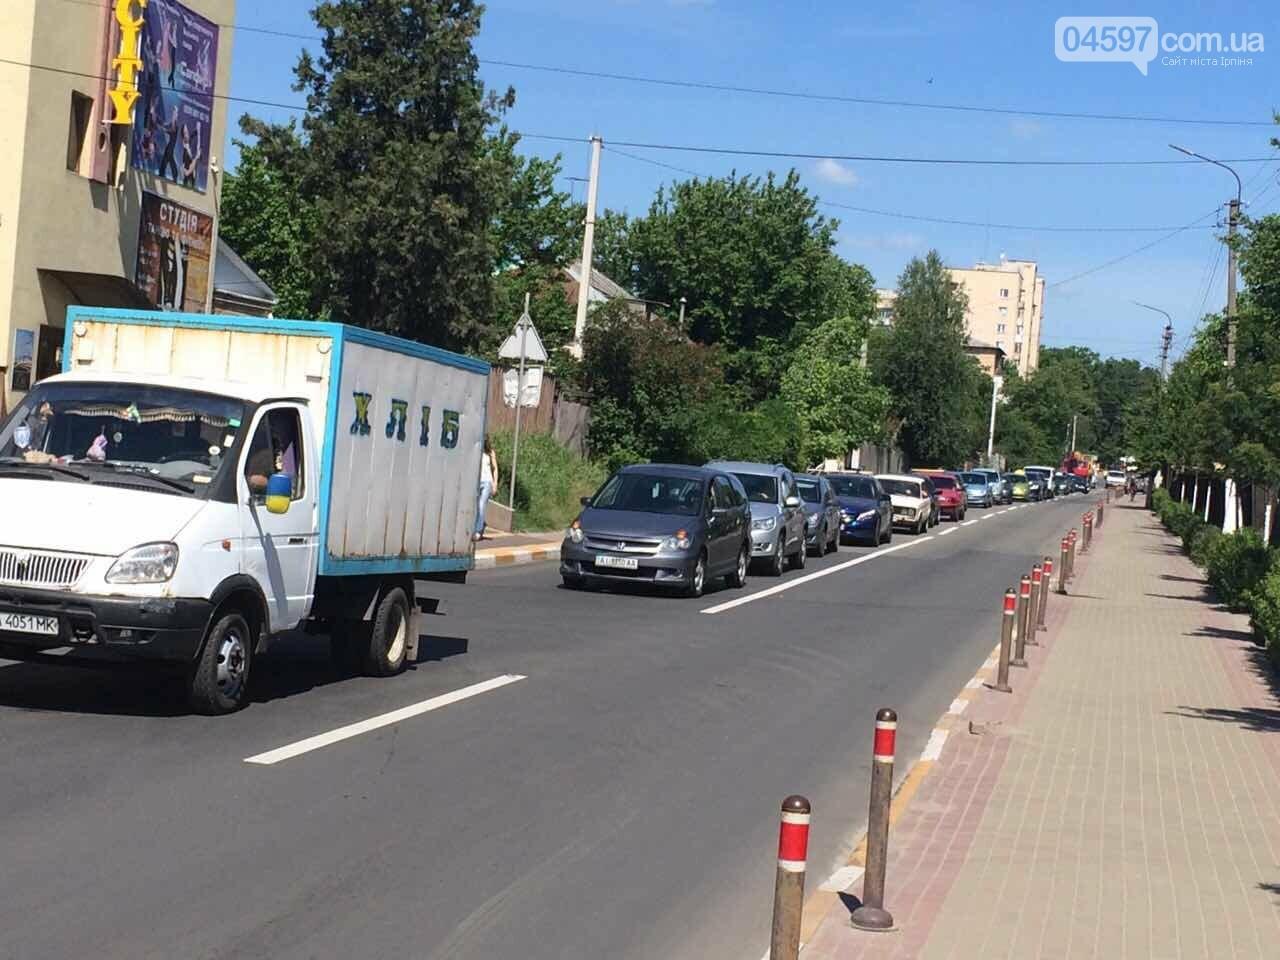 Транспортний колапс у Бучі: водії стояли годину в черзі на переїзд, фото-1